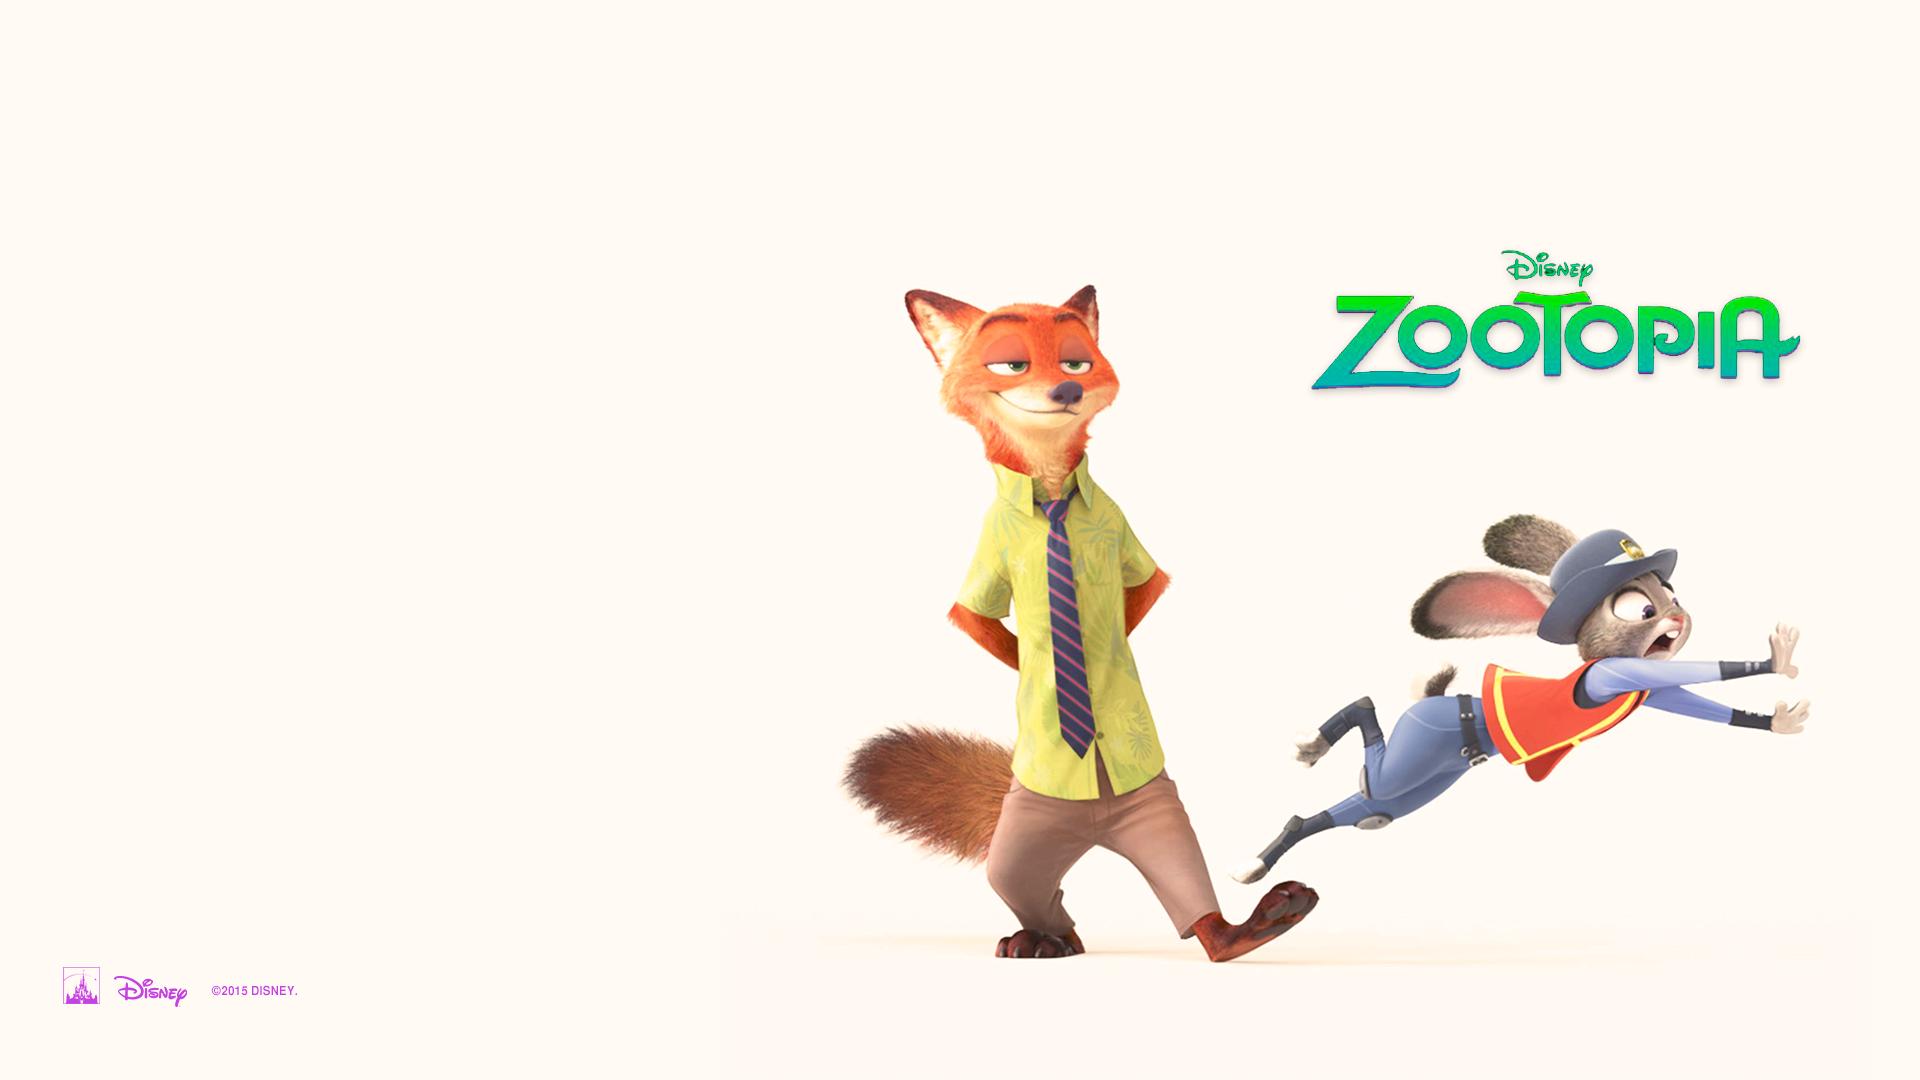 Zootopia Zootropolis Logo شعار فيلم زوتروبوليس Home Decor Decals Home Decor Decor